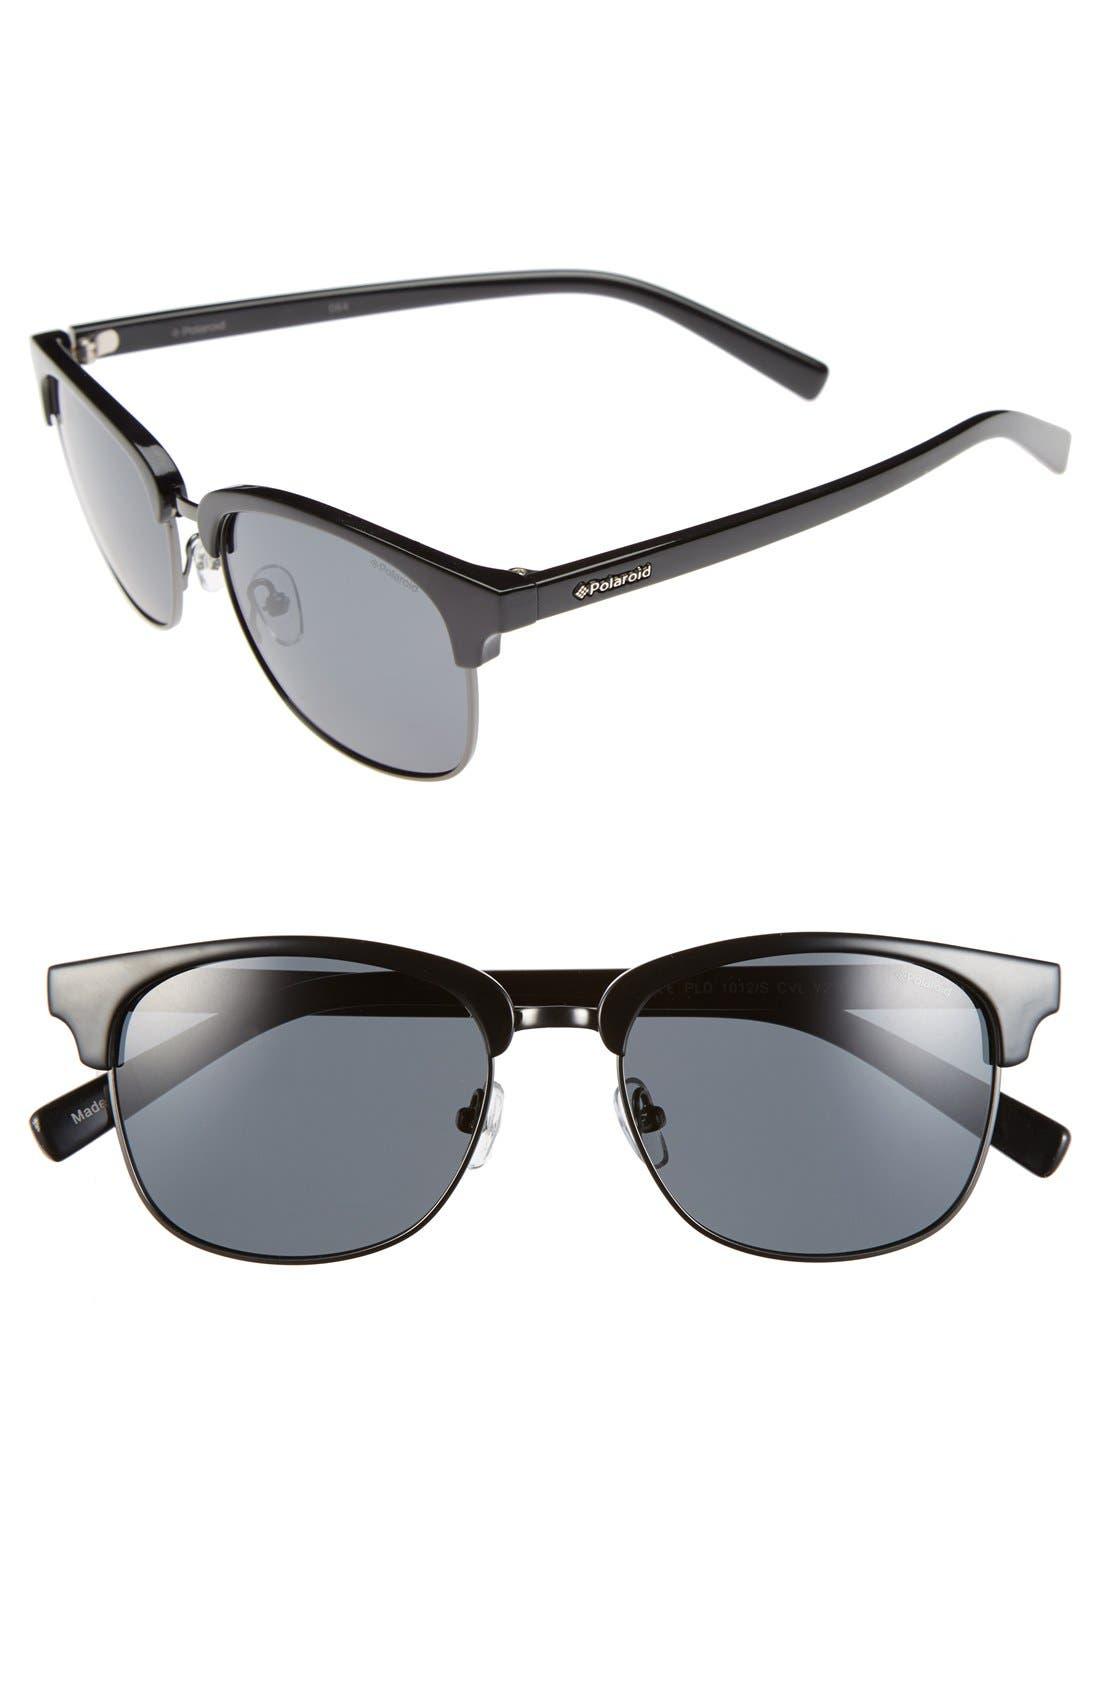 55mm Polarized Sunglasses,                             Main thumbnail 1, color,                             Dark Ruthenium Black